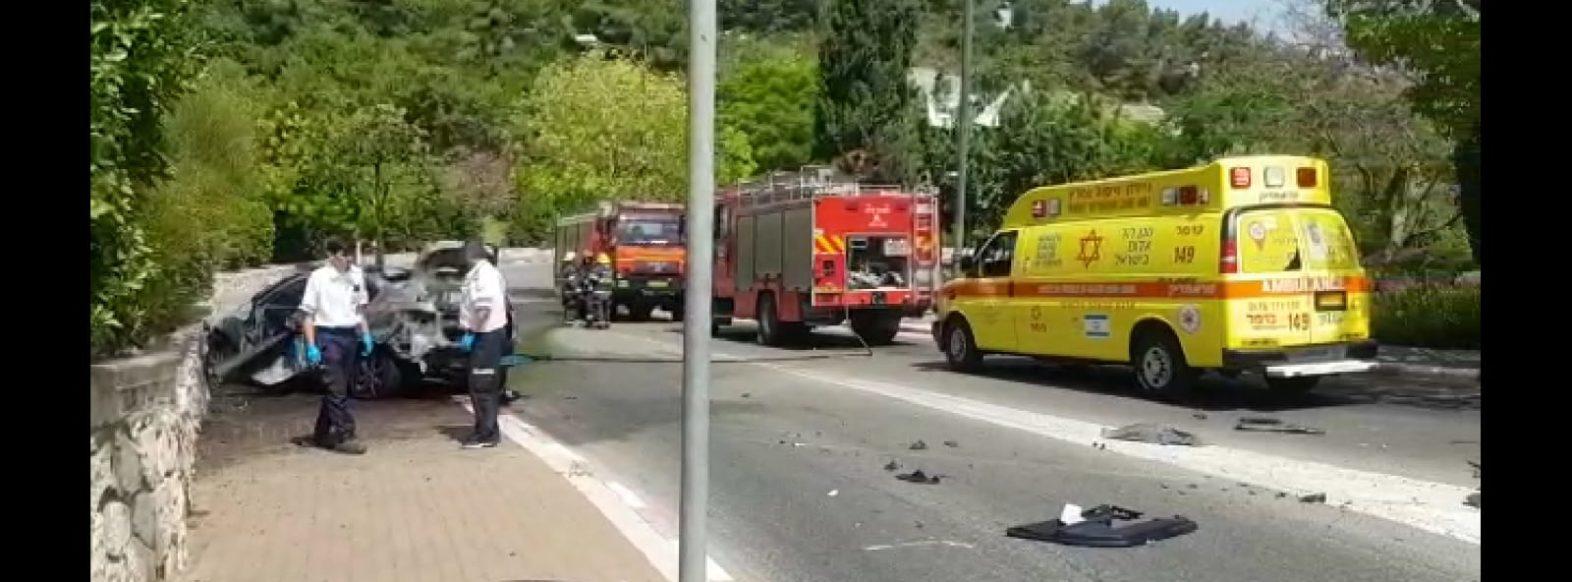 הרוג בפיצוץ רכב בנשר